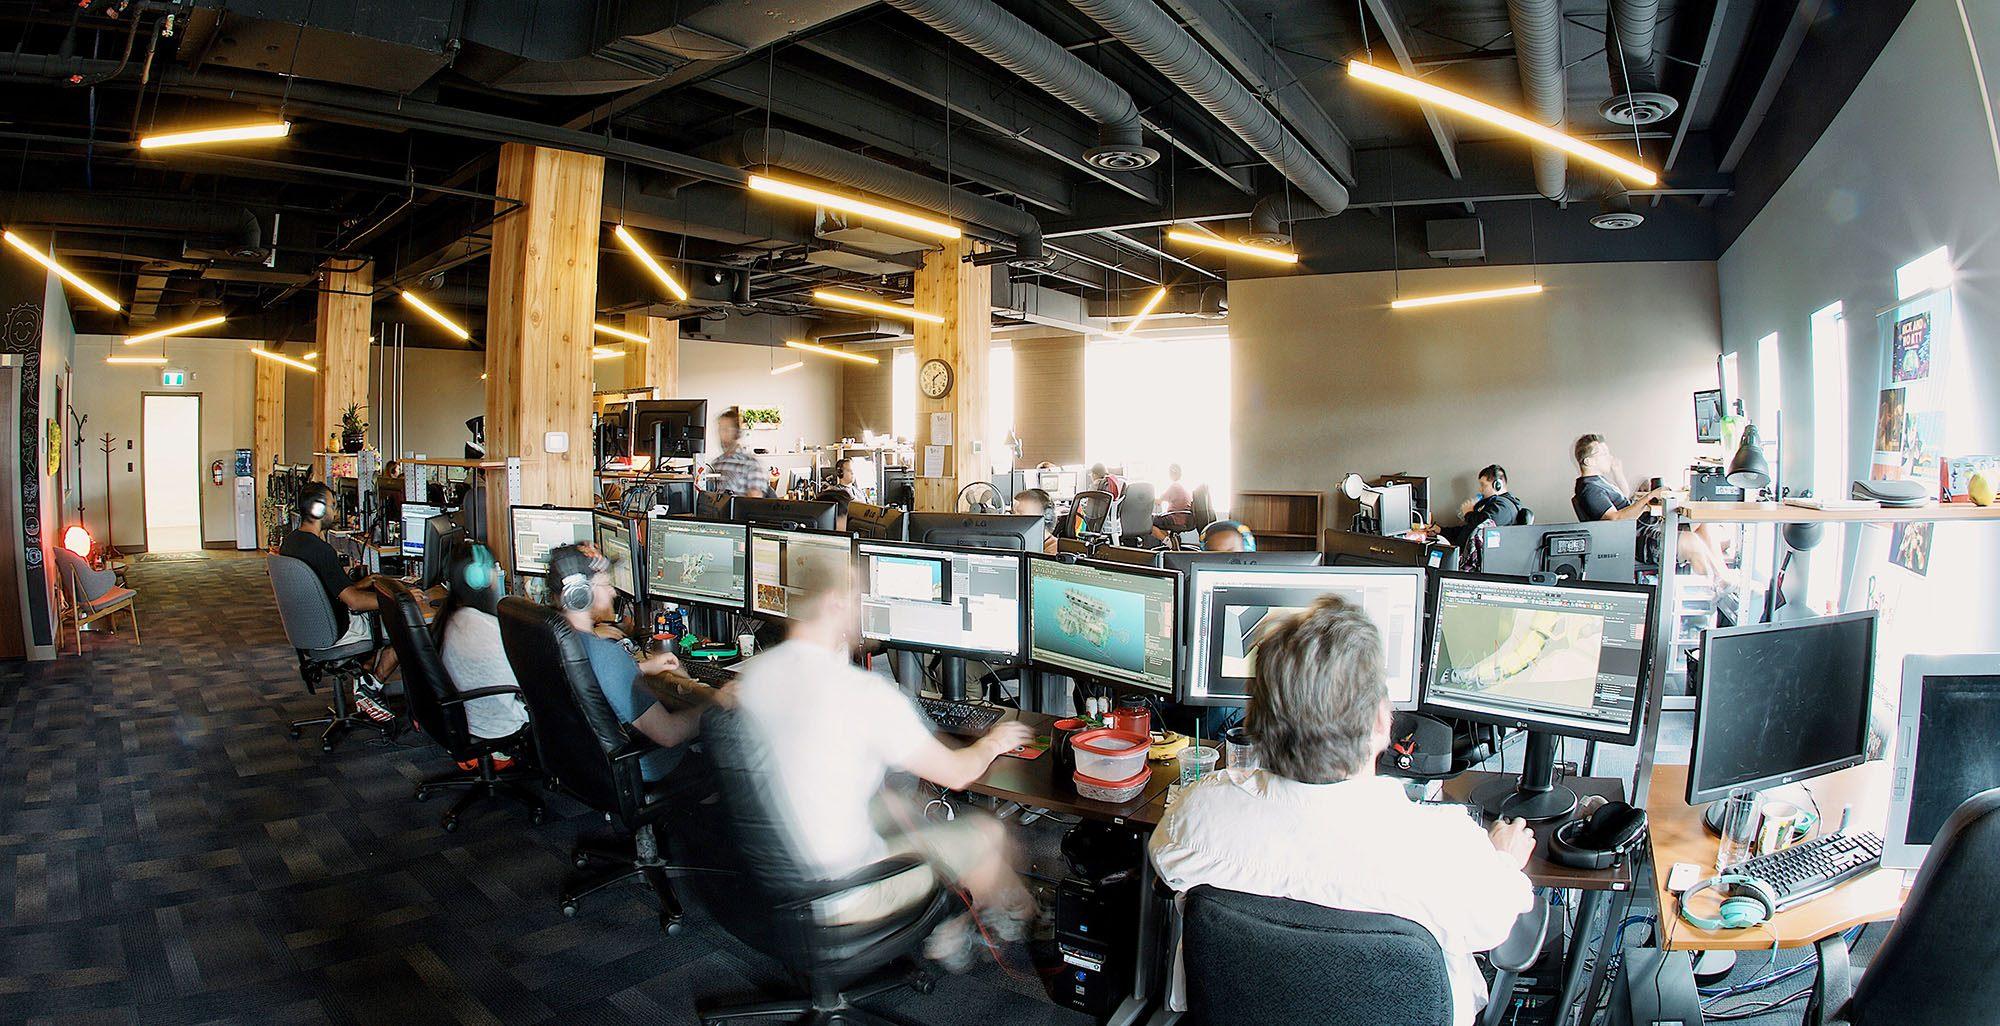 Bardel animation studio in Vancouver (Bardel)